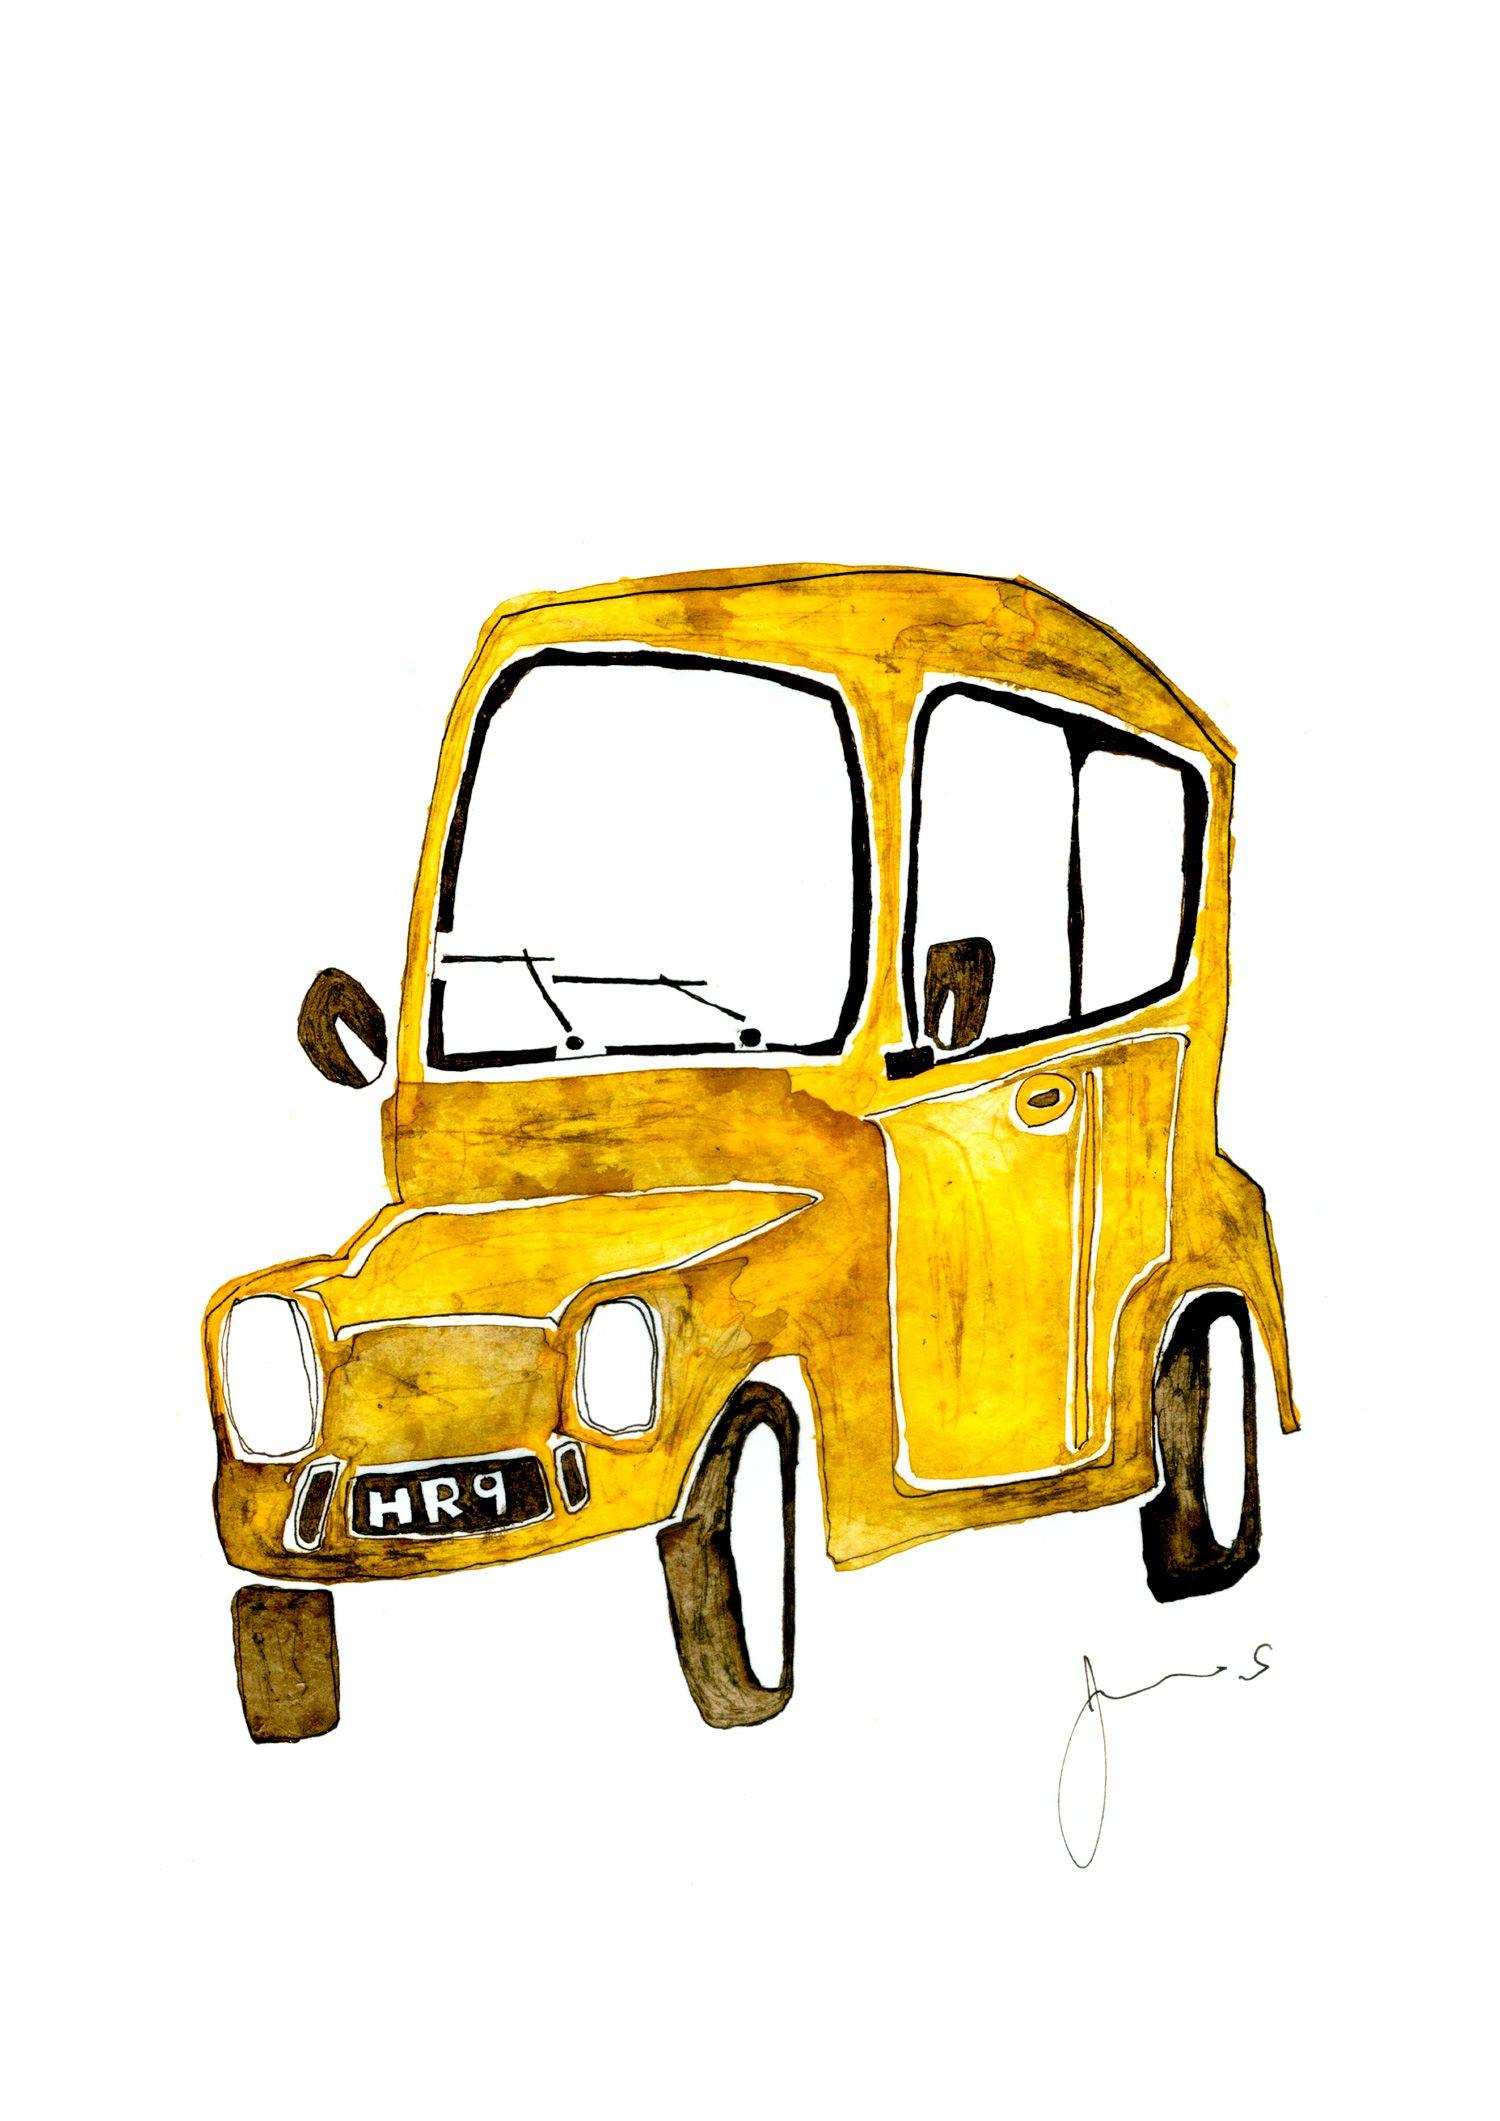 イラスト 車 アート ドローイング インク ペン シンプル 動物